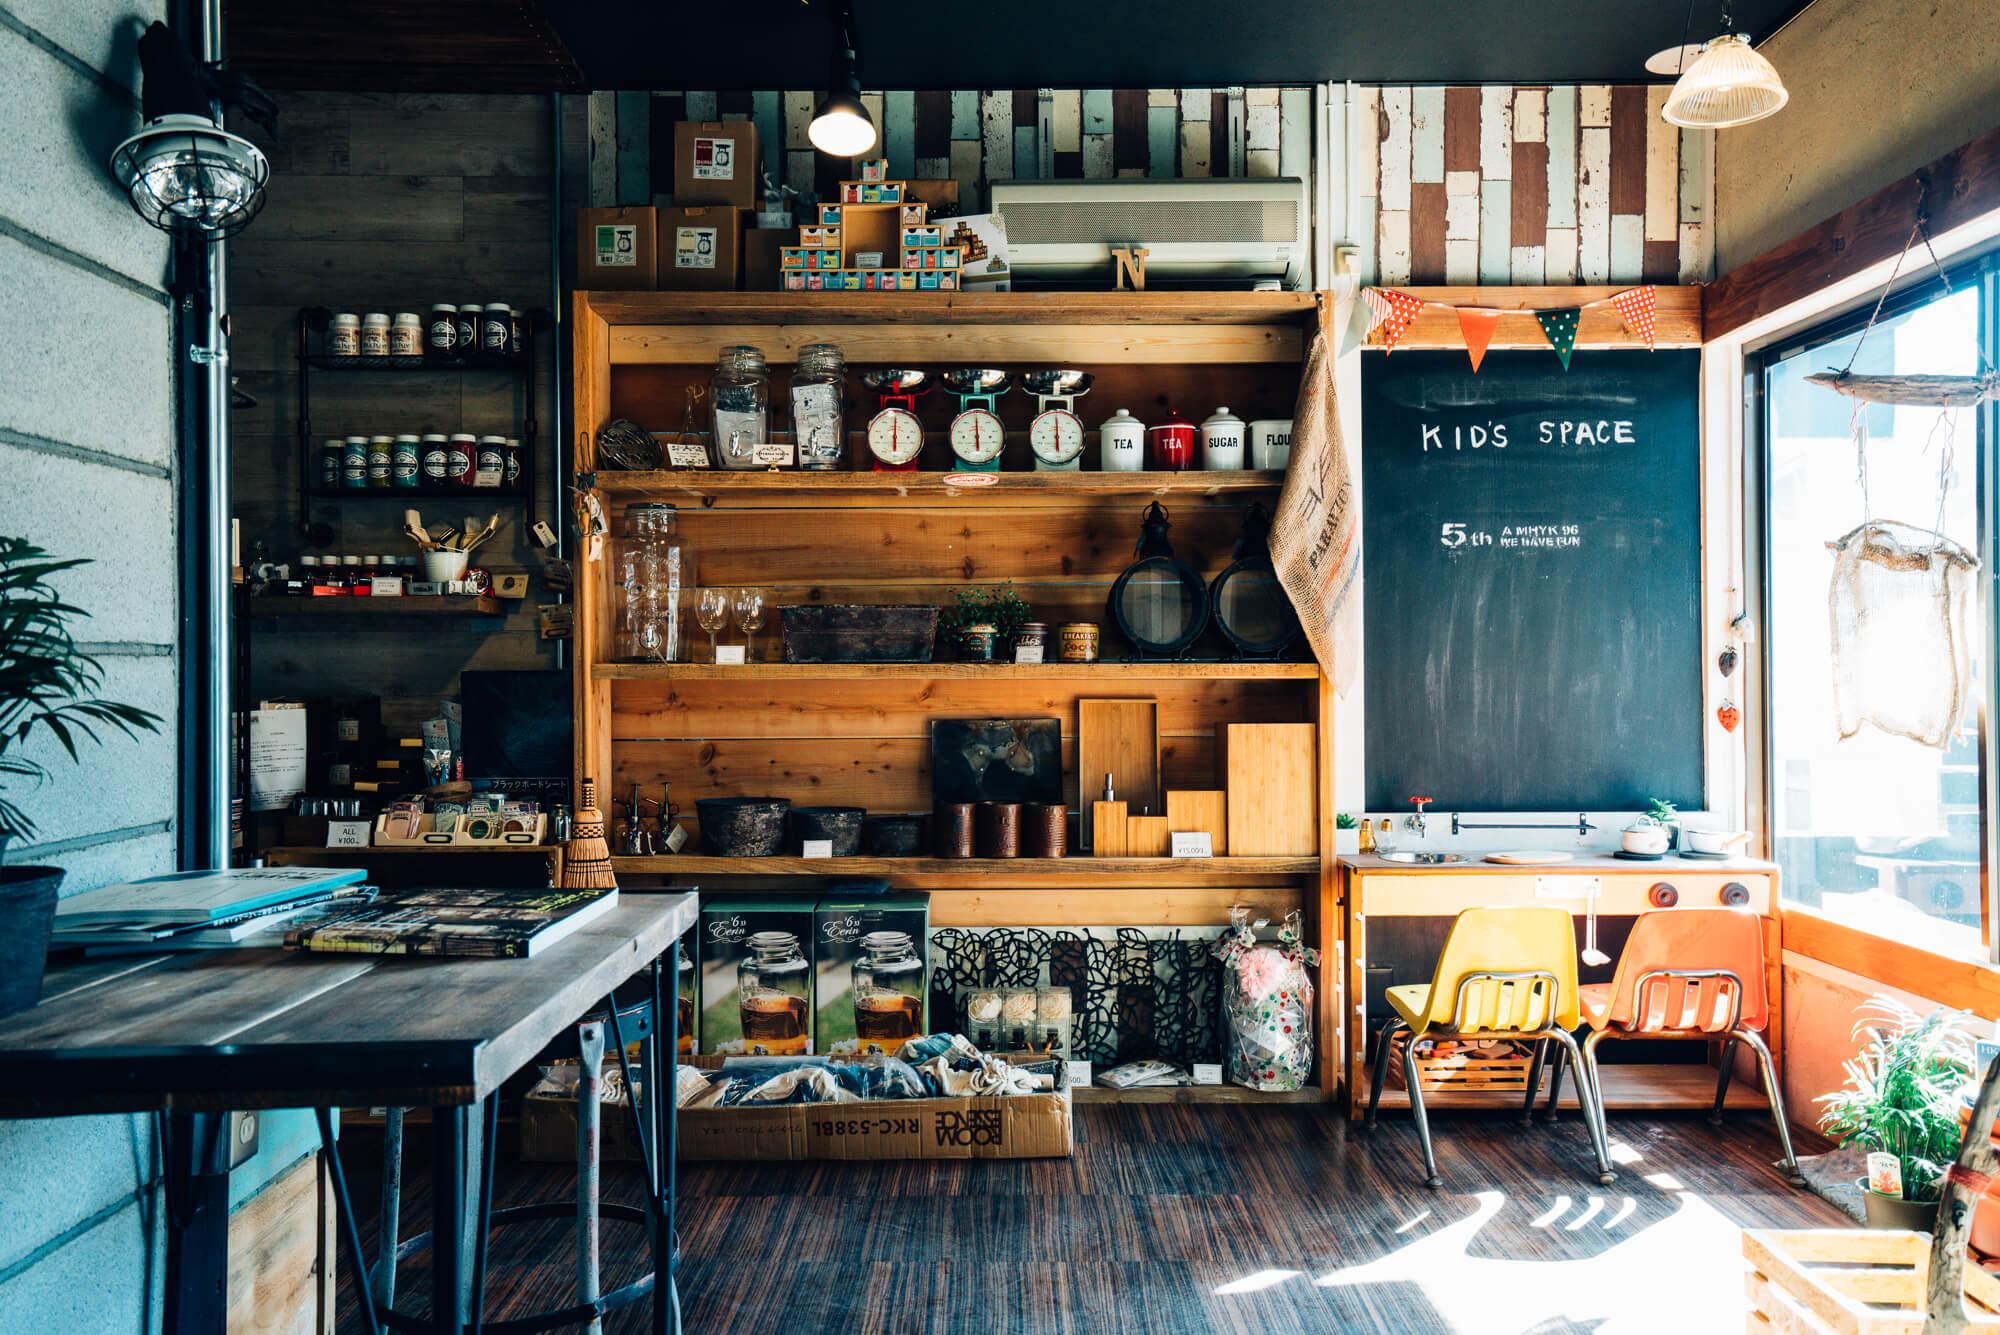 カフェも併設され、何時間もいたくなってしまうような落ち着く空間です。